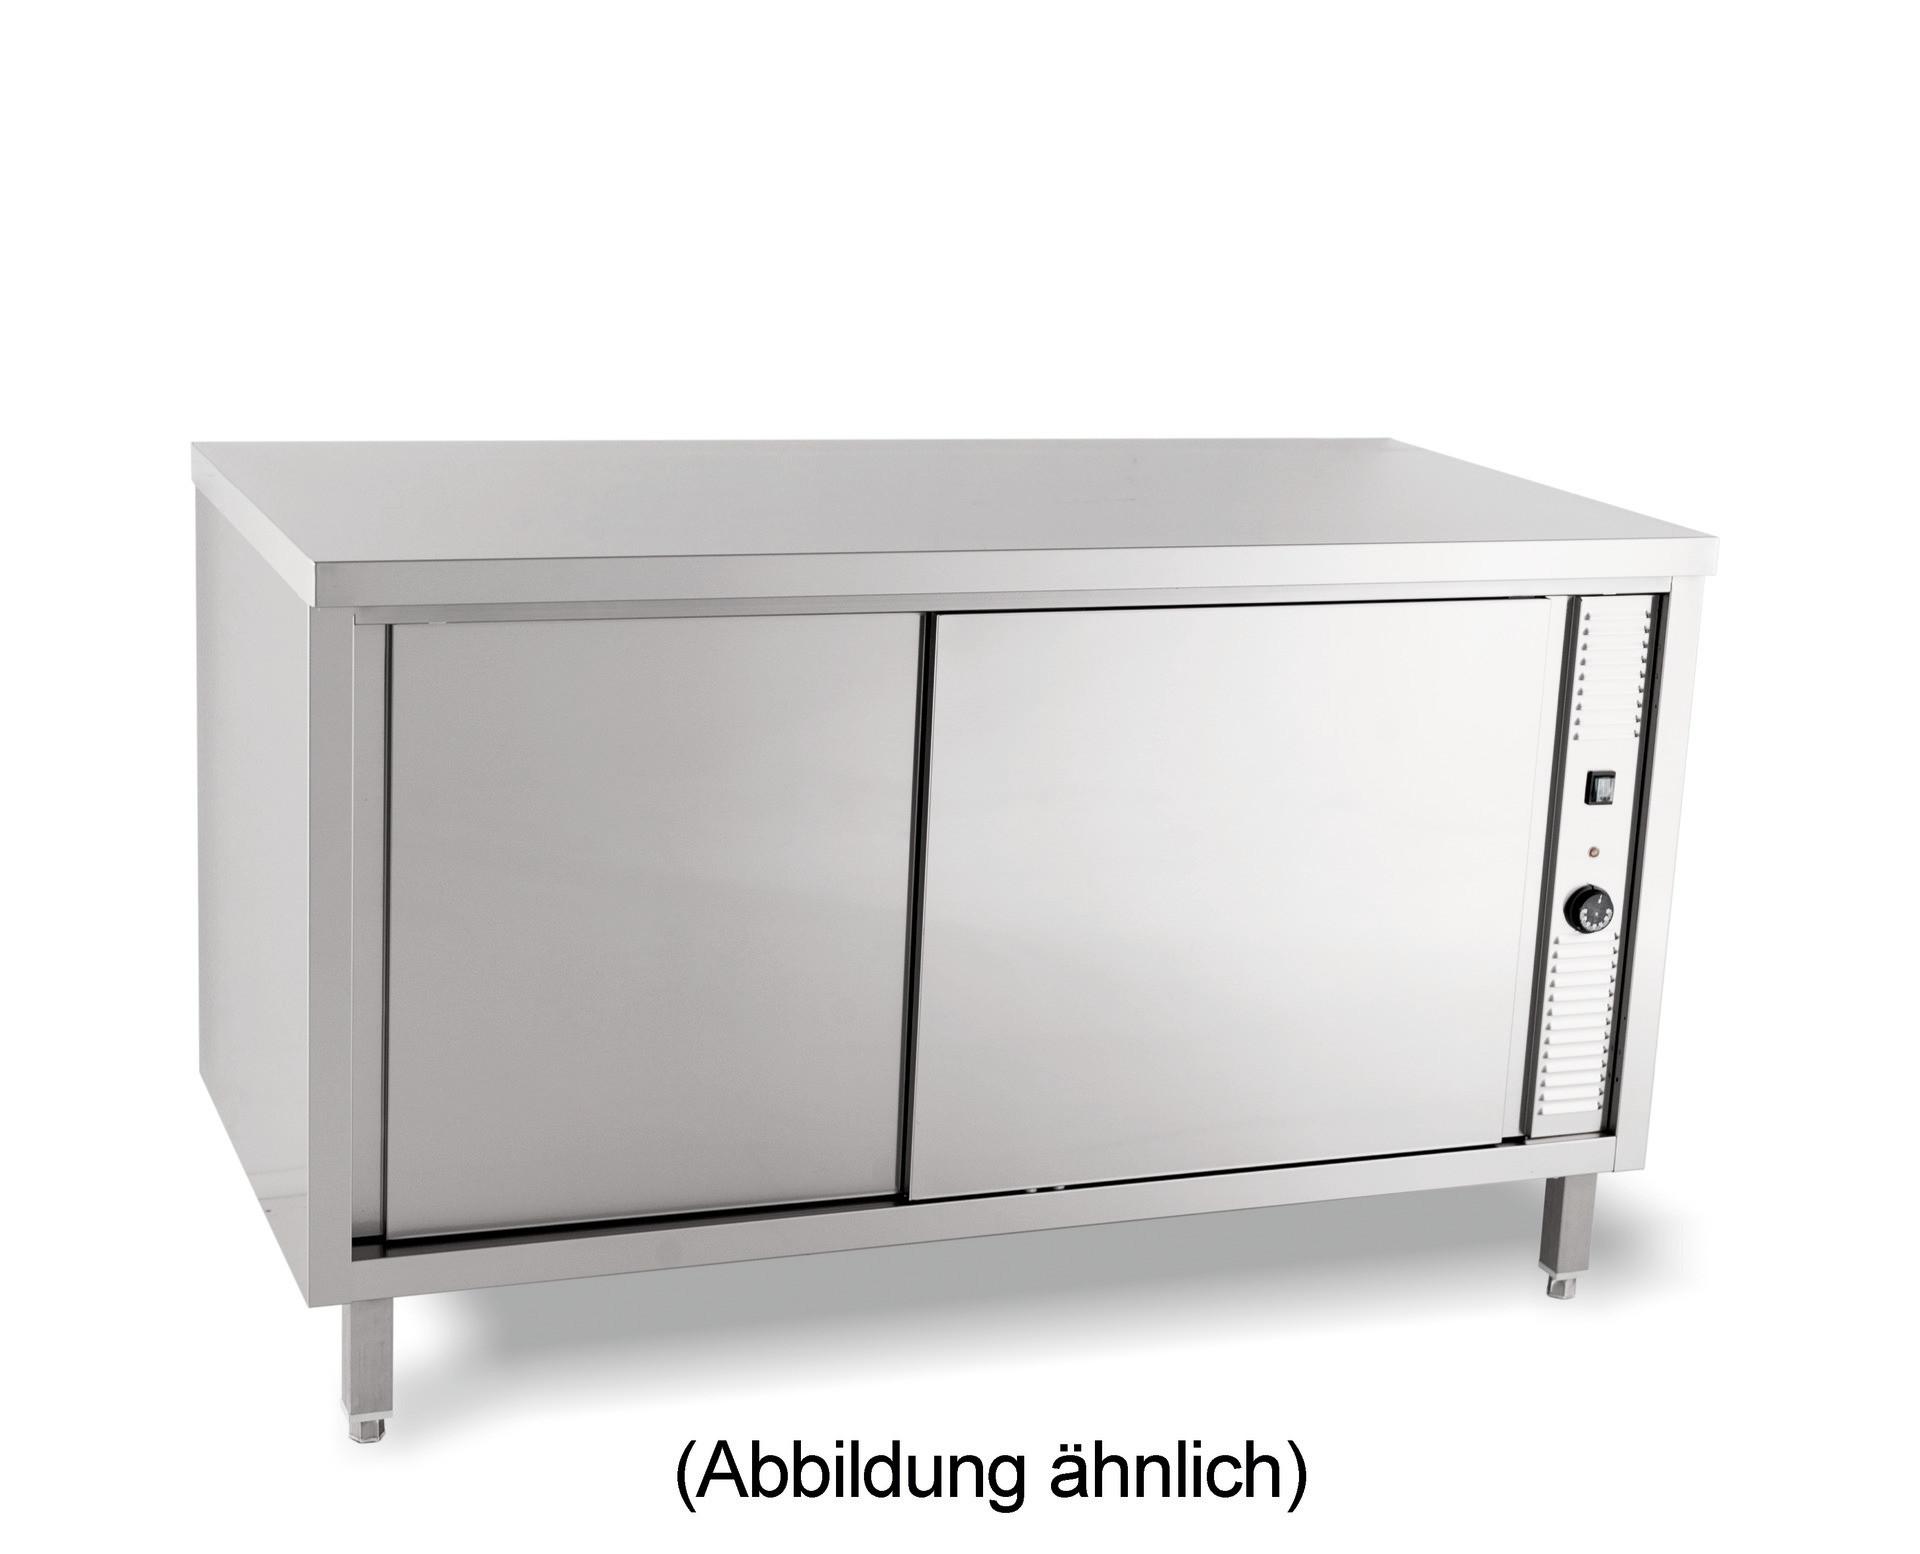 Wärmeschrank mit Flügeltüren ohne Aufkantung 1200 x 600 x 850 mm